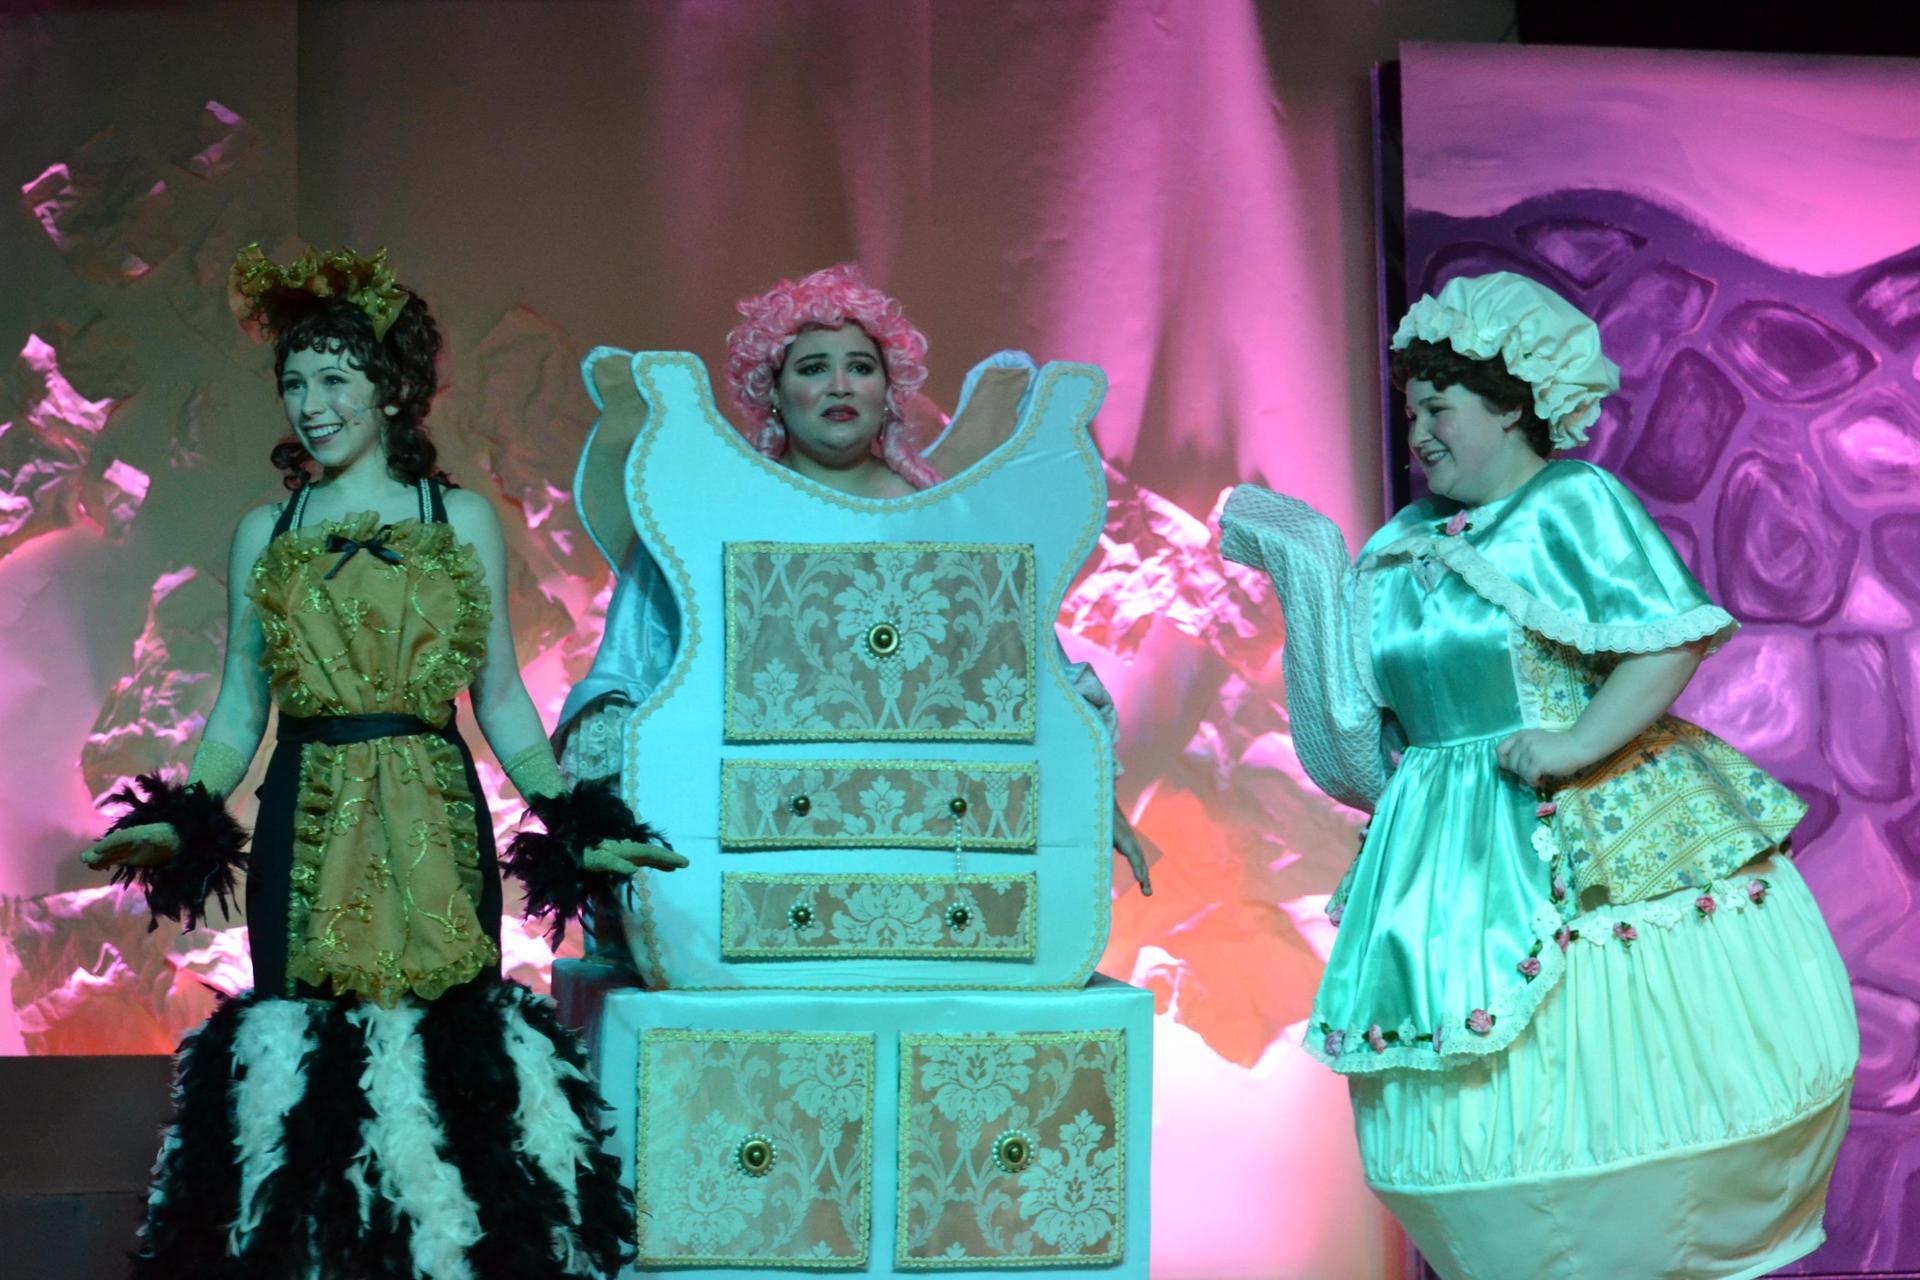 Babette (Alex), Madame de la Grande Bouche (Ganina), and Mrs. Potts (Alyssa) give Belle advice in the 2018 spring musical